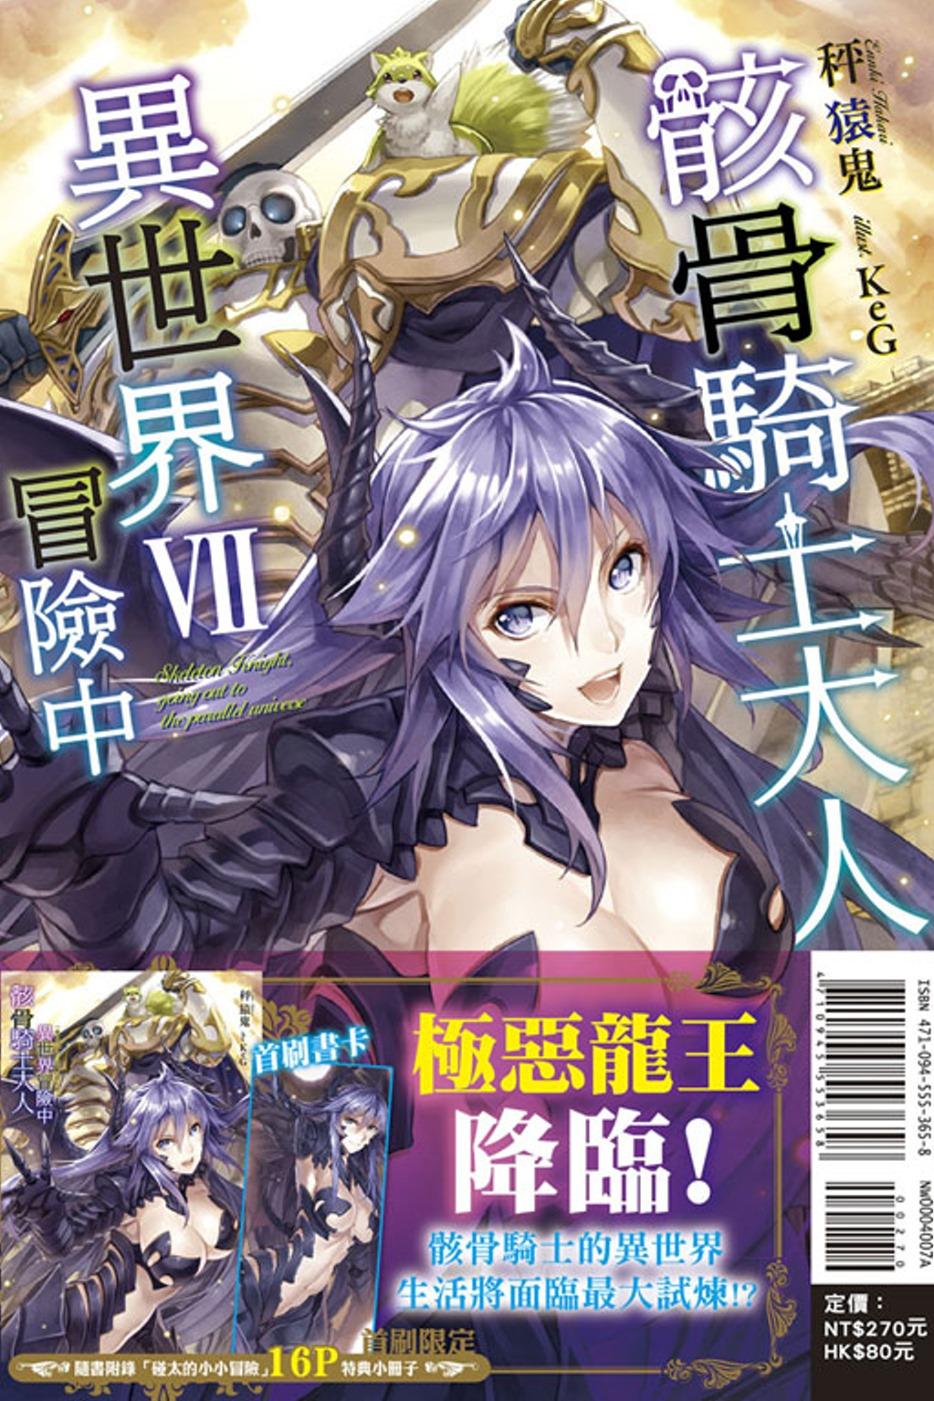 骸骨騎士大人異世界冒險中 7(首刷限定版)